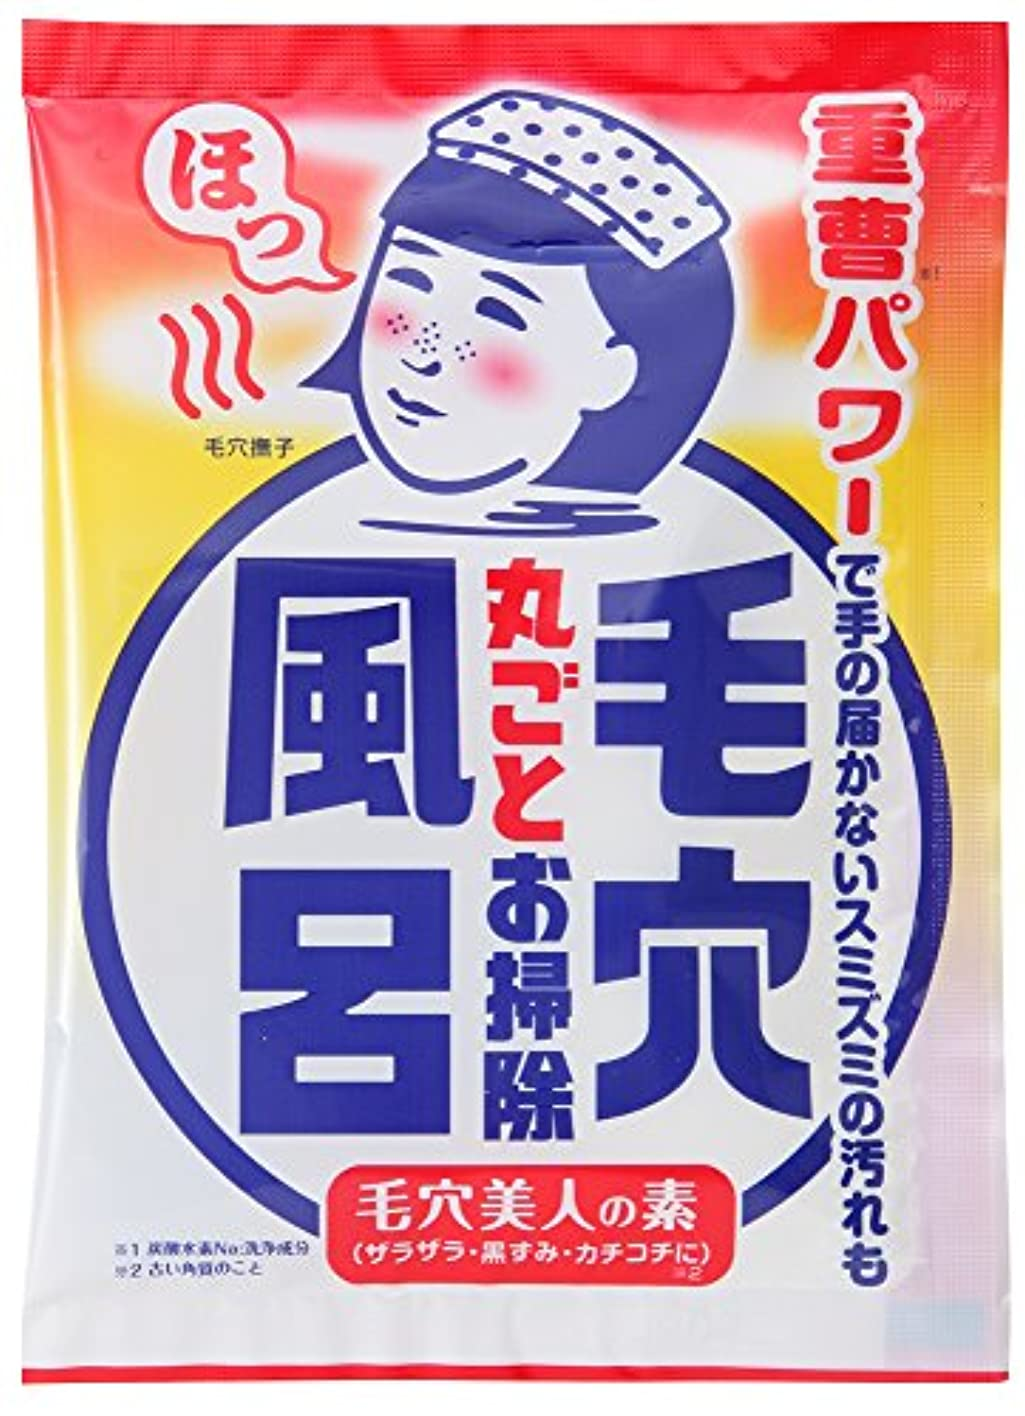 広告する有能な雪毛穴撫子 重曹つるつる風呂 30g